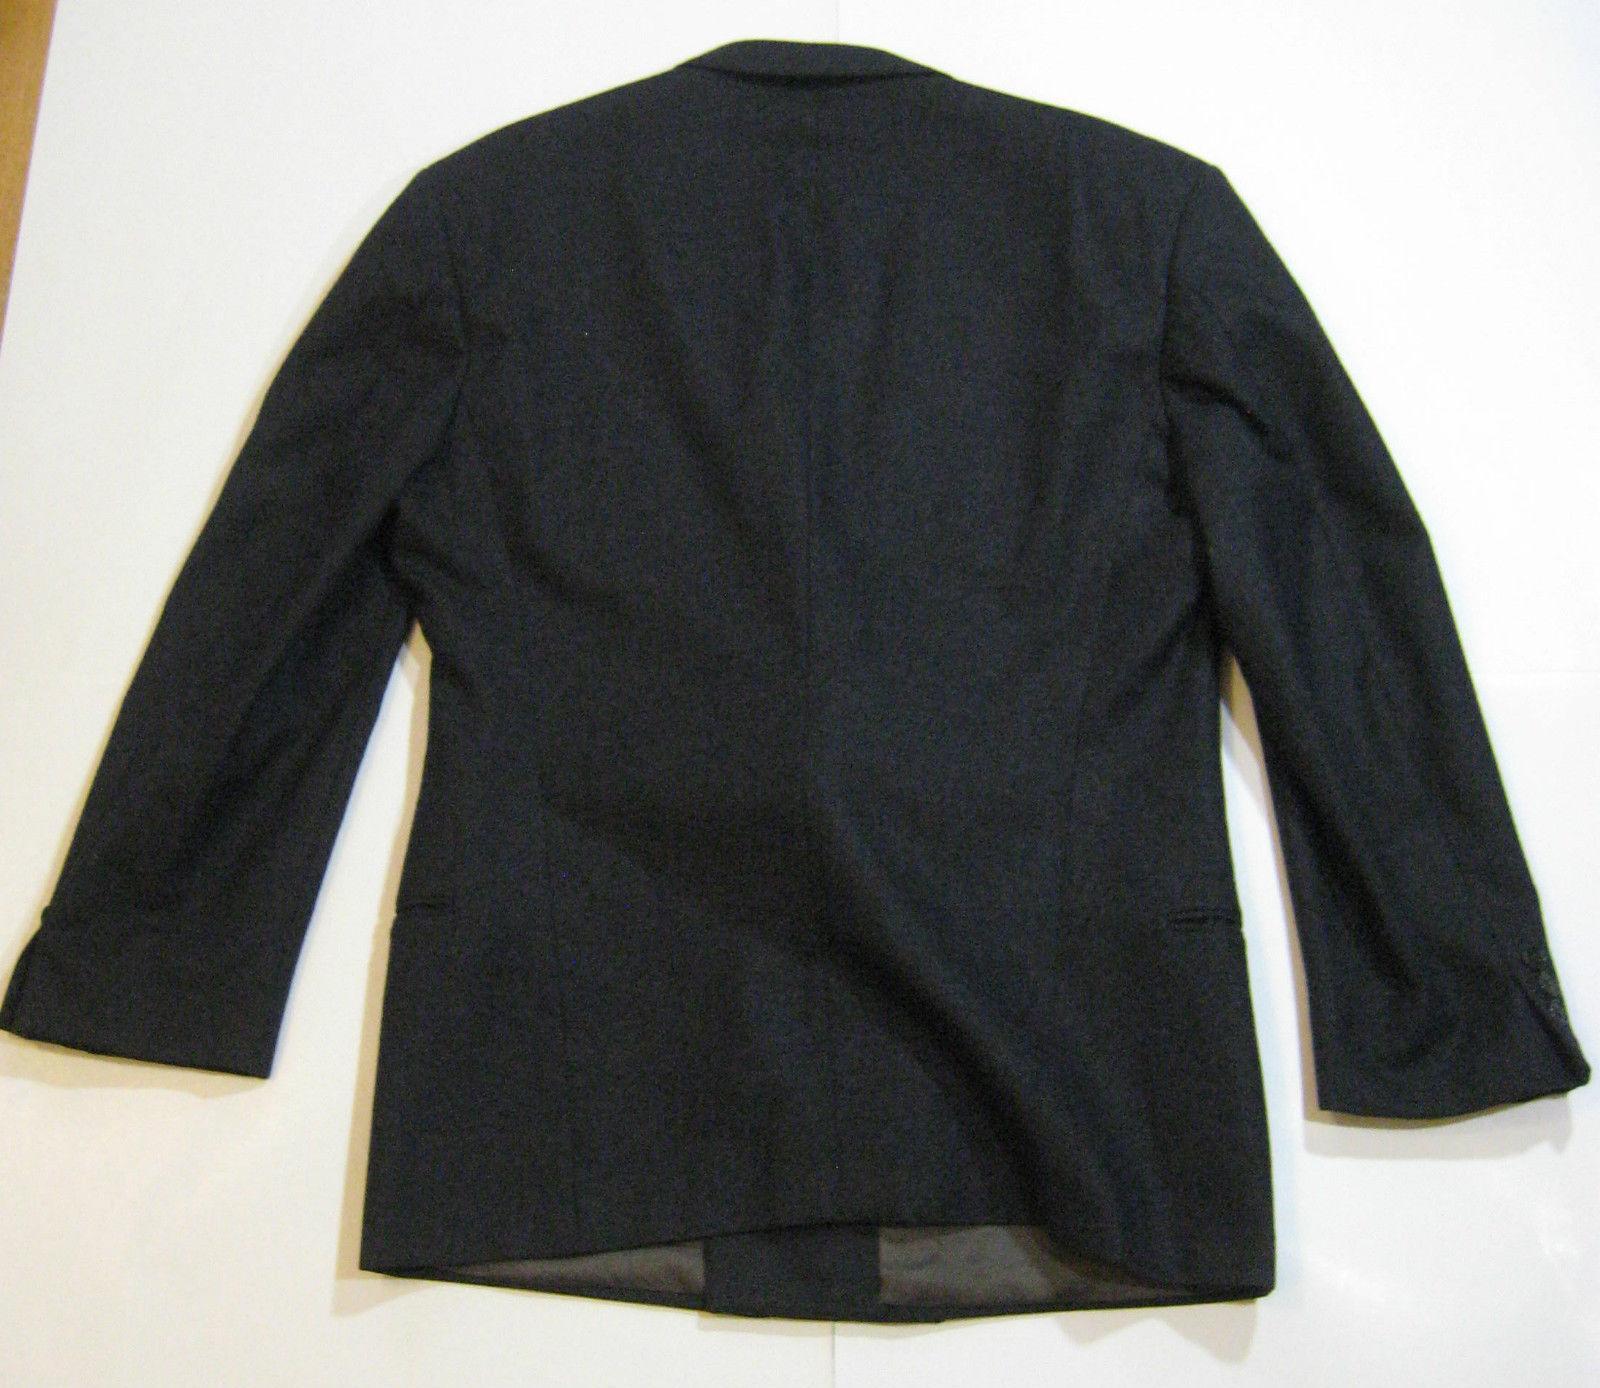 GIORGIO ARMANI 42R Rich Charcoal Gray Double Breasted Blazer Sports Coat RARE